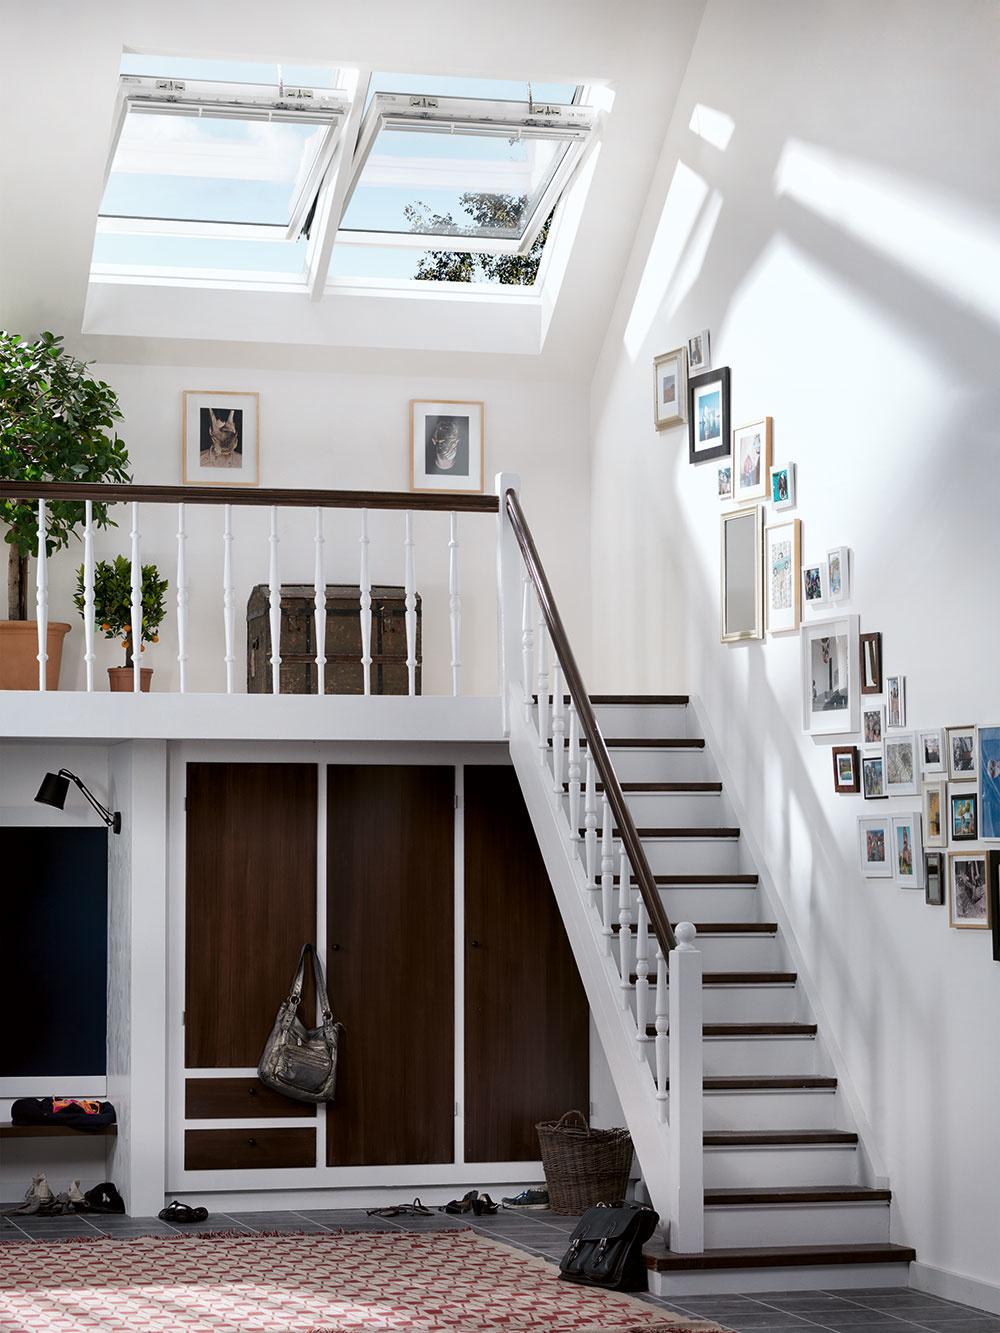 Najúčinnejšie je priečne prevetranie domu (oknami obrátenými na opačné svetové strany), ideálne je využiť pri tom aj tzv. komínový efekt – ten najlepšie dosiahnete pomocou strešných okien. Ak zároveň otvoríte čo najnižšie umiestnené fasádne okná na najchladnejšej (severnej) strane domu a strešné okná, chladný vzduch zvonka bude prúdiť naprieč celým domom. Podobný efekt dosiahnete v podkroví pomocou strešných okien umiestnených oproti sebe v rôznych výškach. V poschodovom dome je vynikajúcim riešením strešné okno nad schodiskom – pomôže nielen efektívne vyvetrať, ale denné svetlo privedie až na prízemie. Na tieto možnosti však treba pamätať už pri navrhovaní domu.